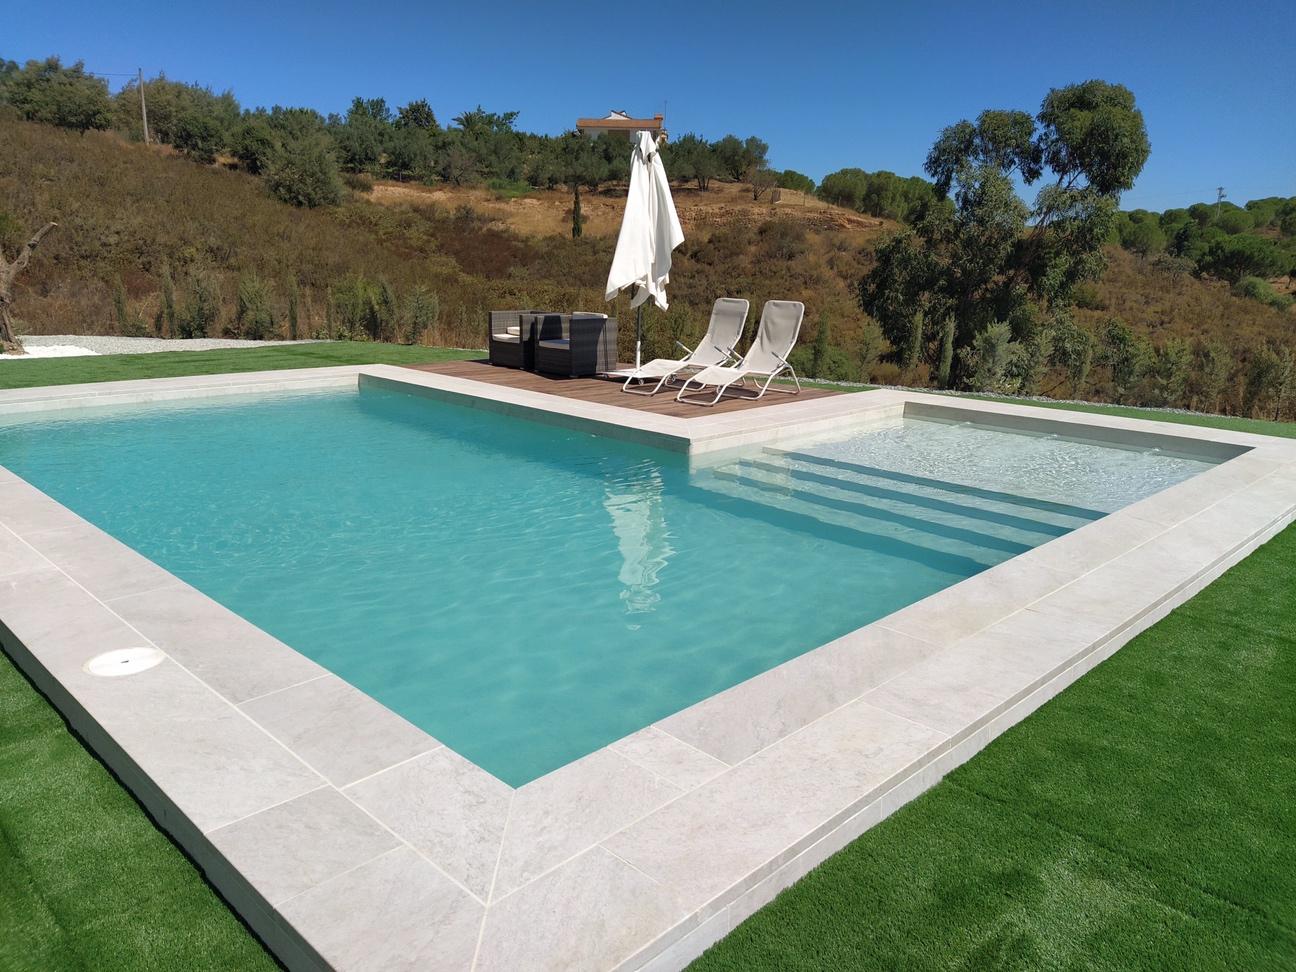 Plano general de la piscina ya terminada